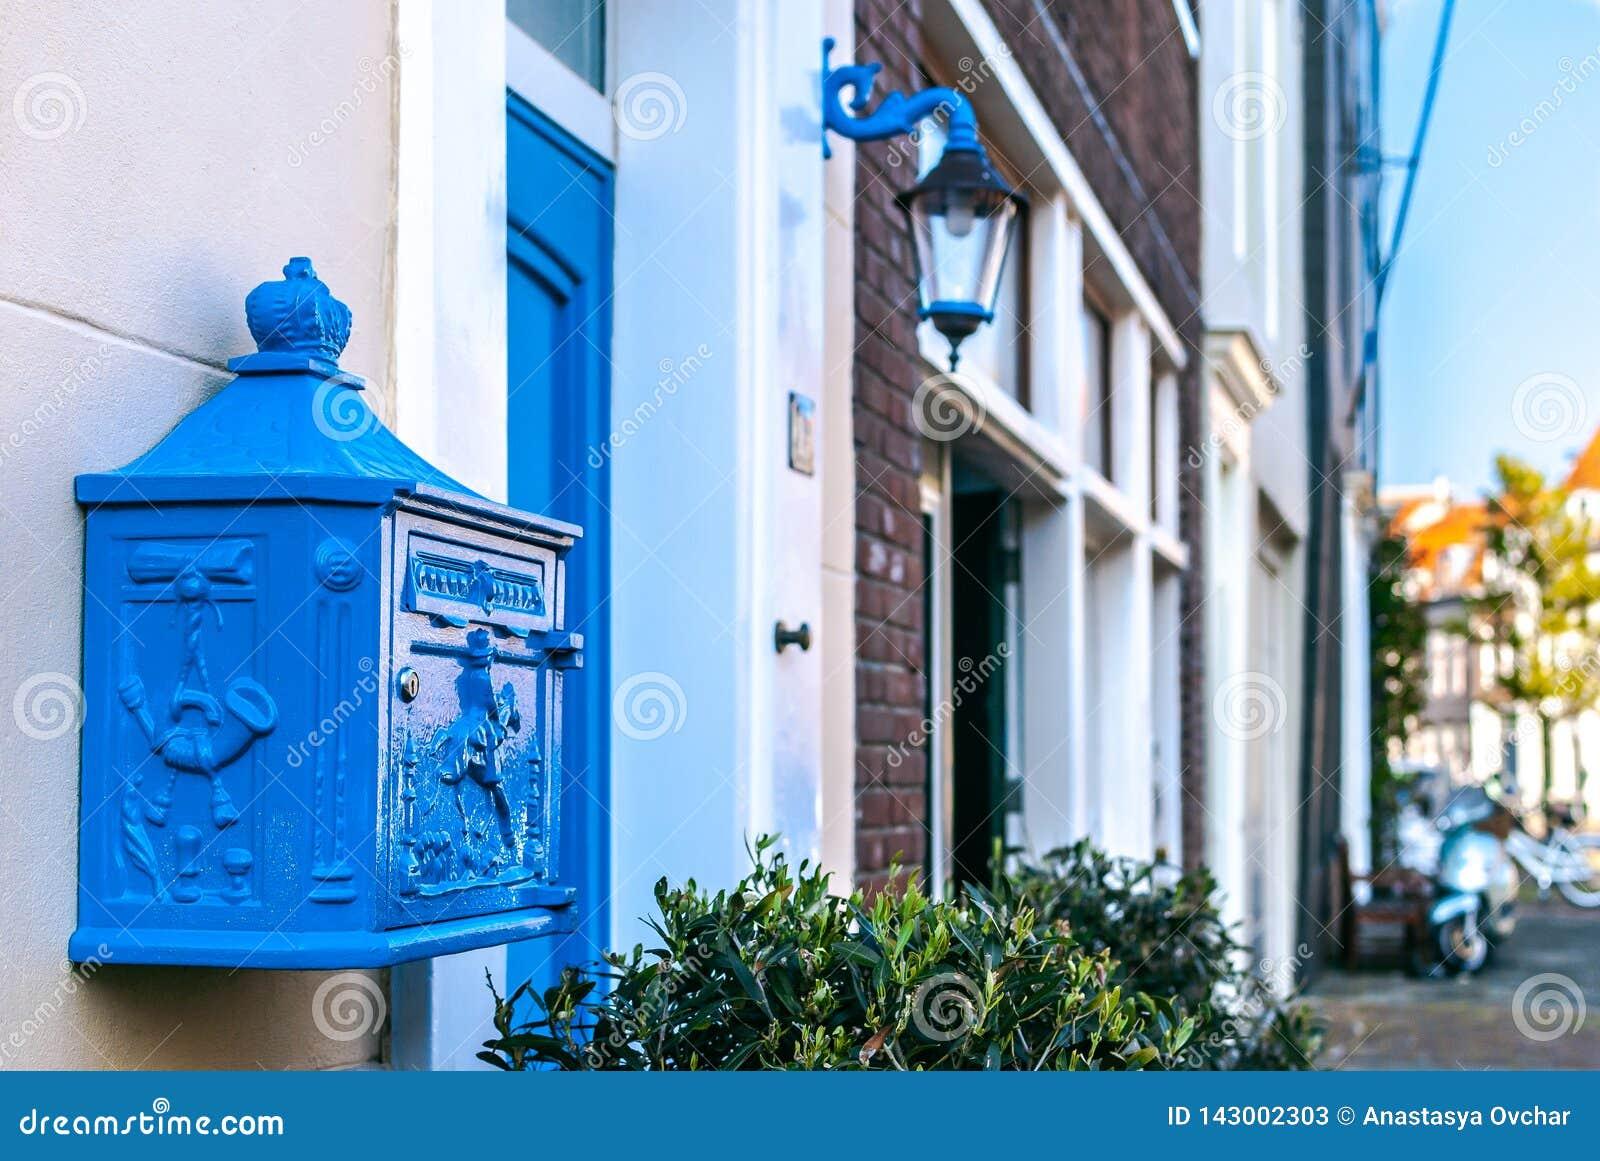 Um close-up de uma caixa postal holandesa azul profunda bonita decorada com um bas-relevo com uma opinião da rua no fundo